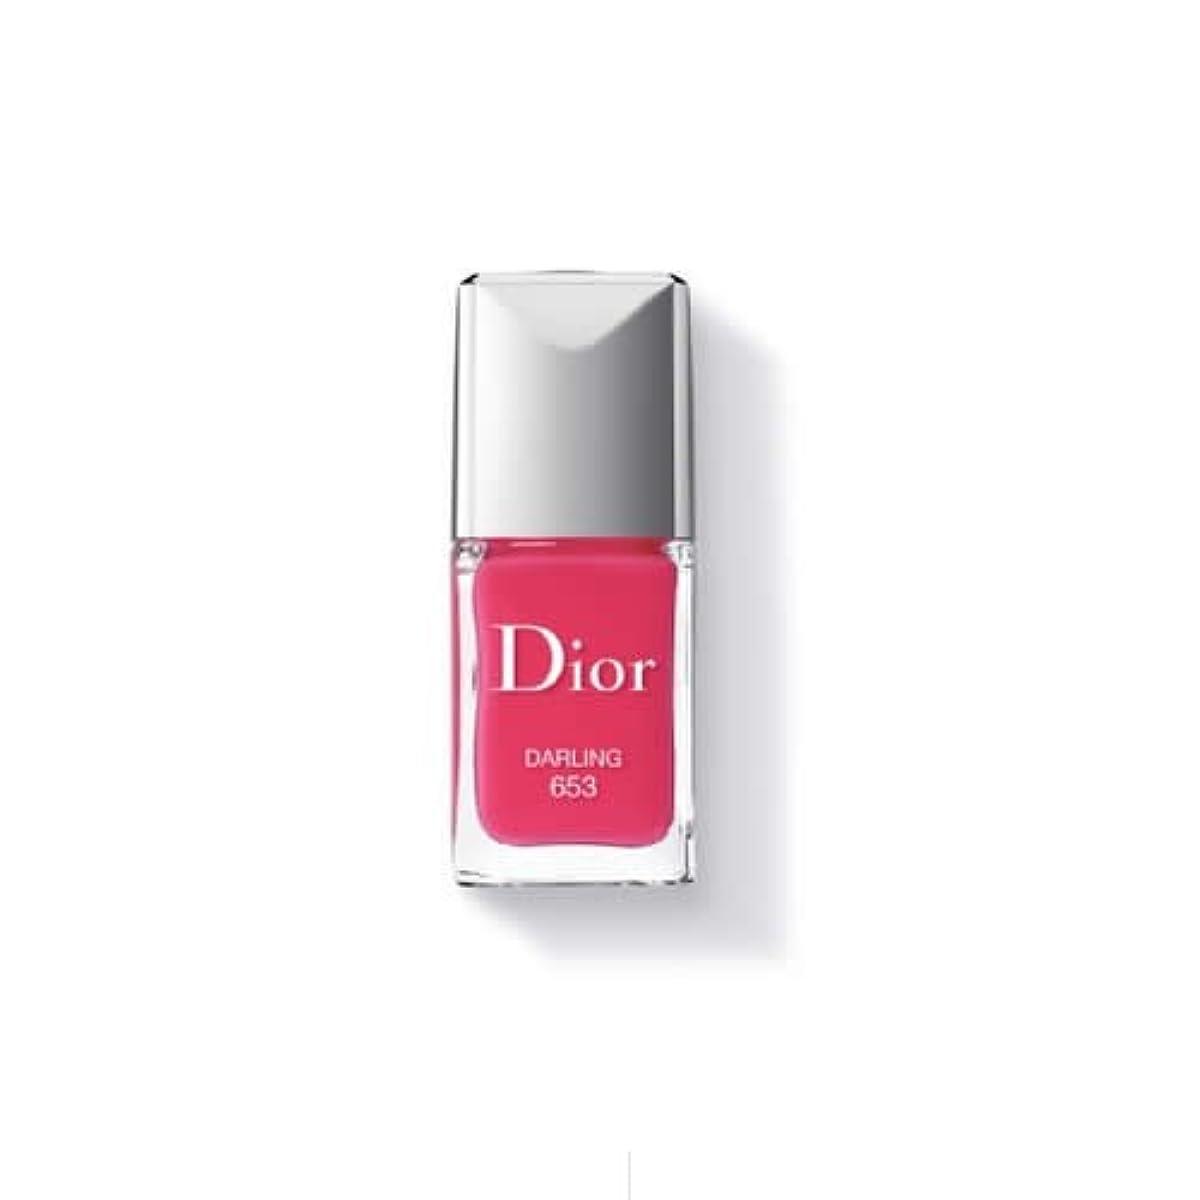 レンズ仕える白いディオール ヴェルニ #653 ダーリン 10ml クリスチャン ディオール Christian Dior 訳あり